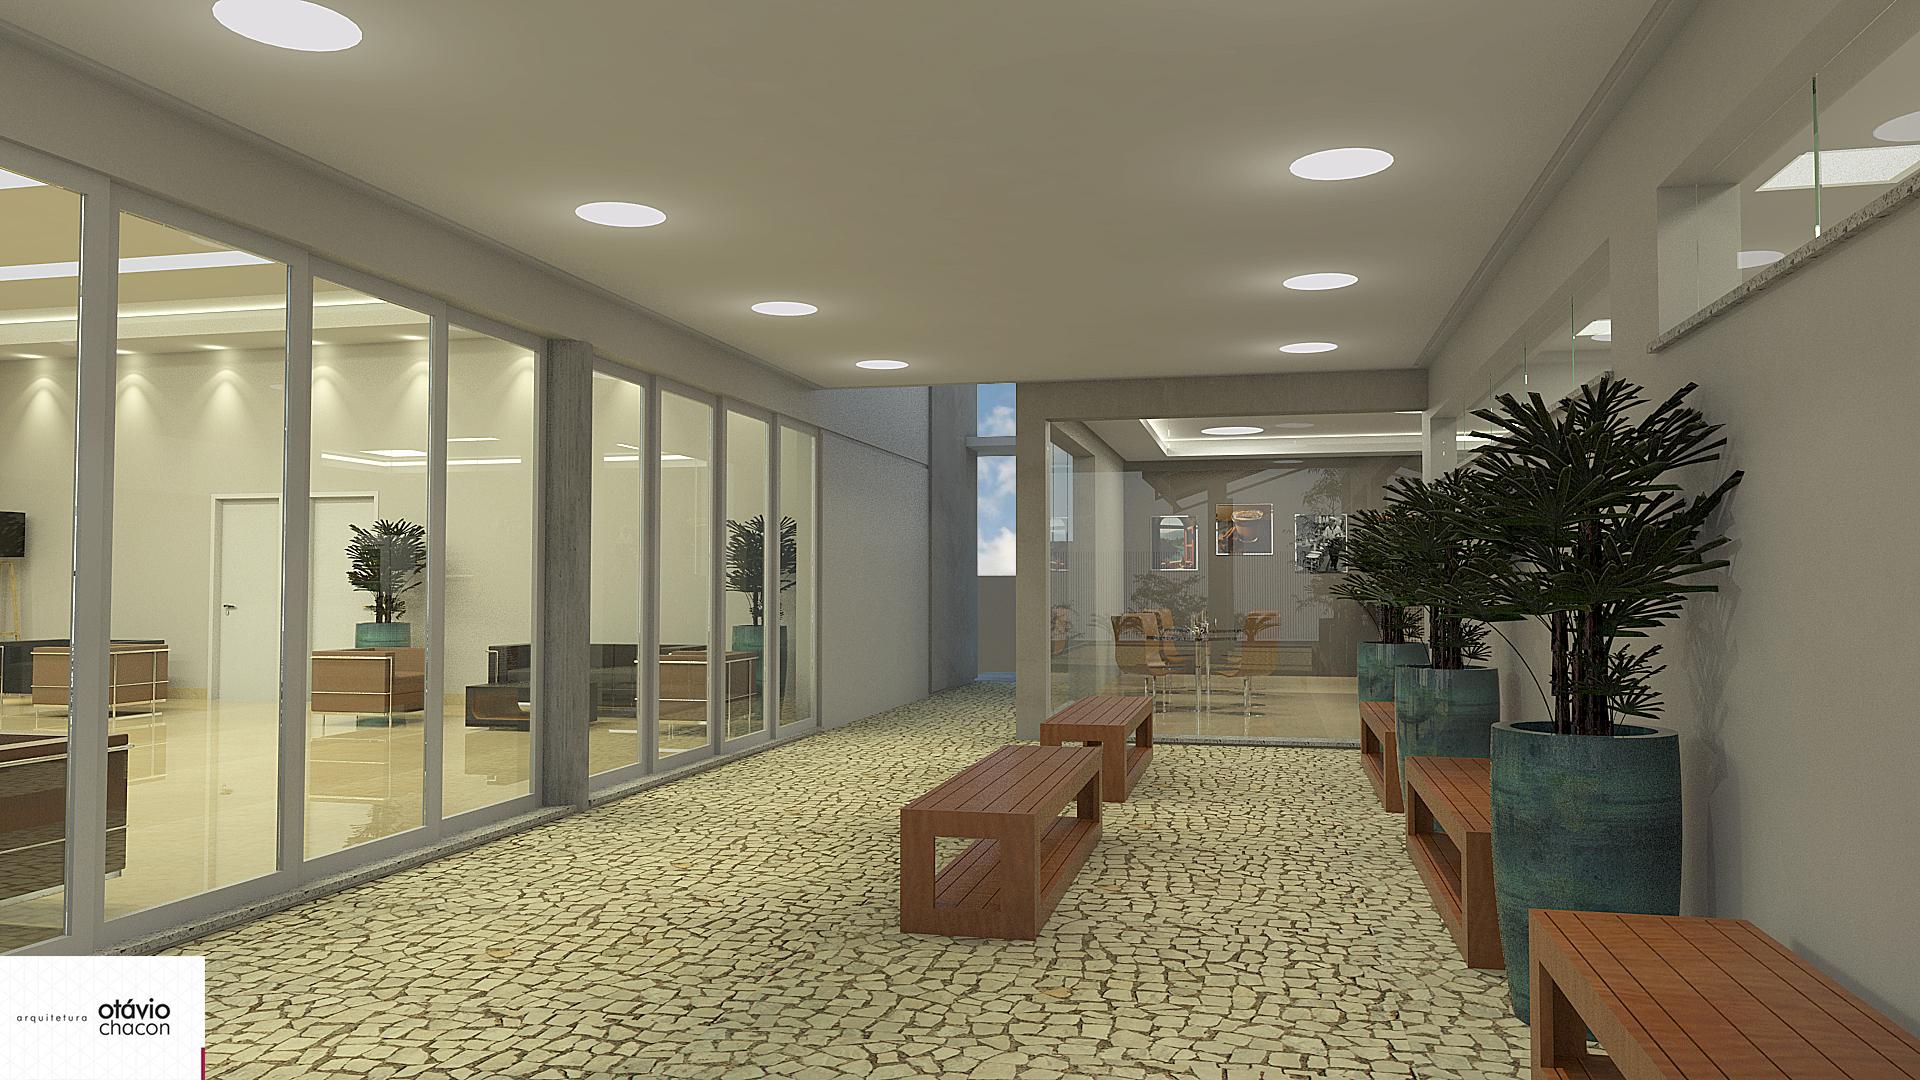 vista externa das salas